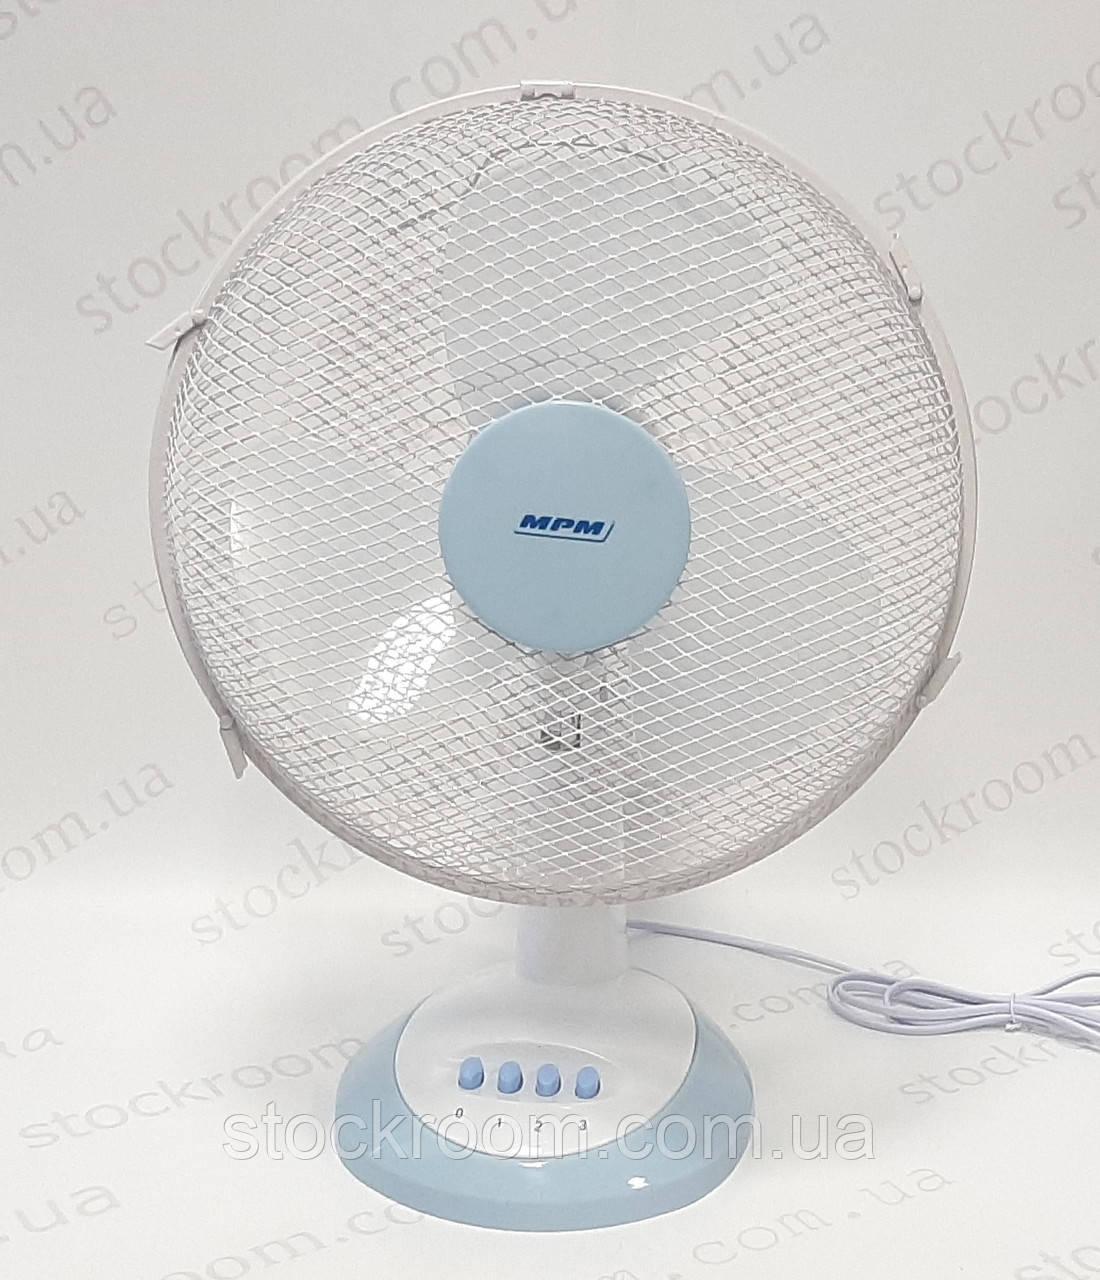 Вентилятор настольный белый MPM